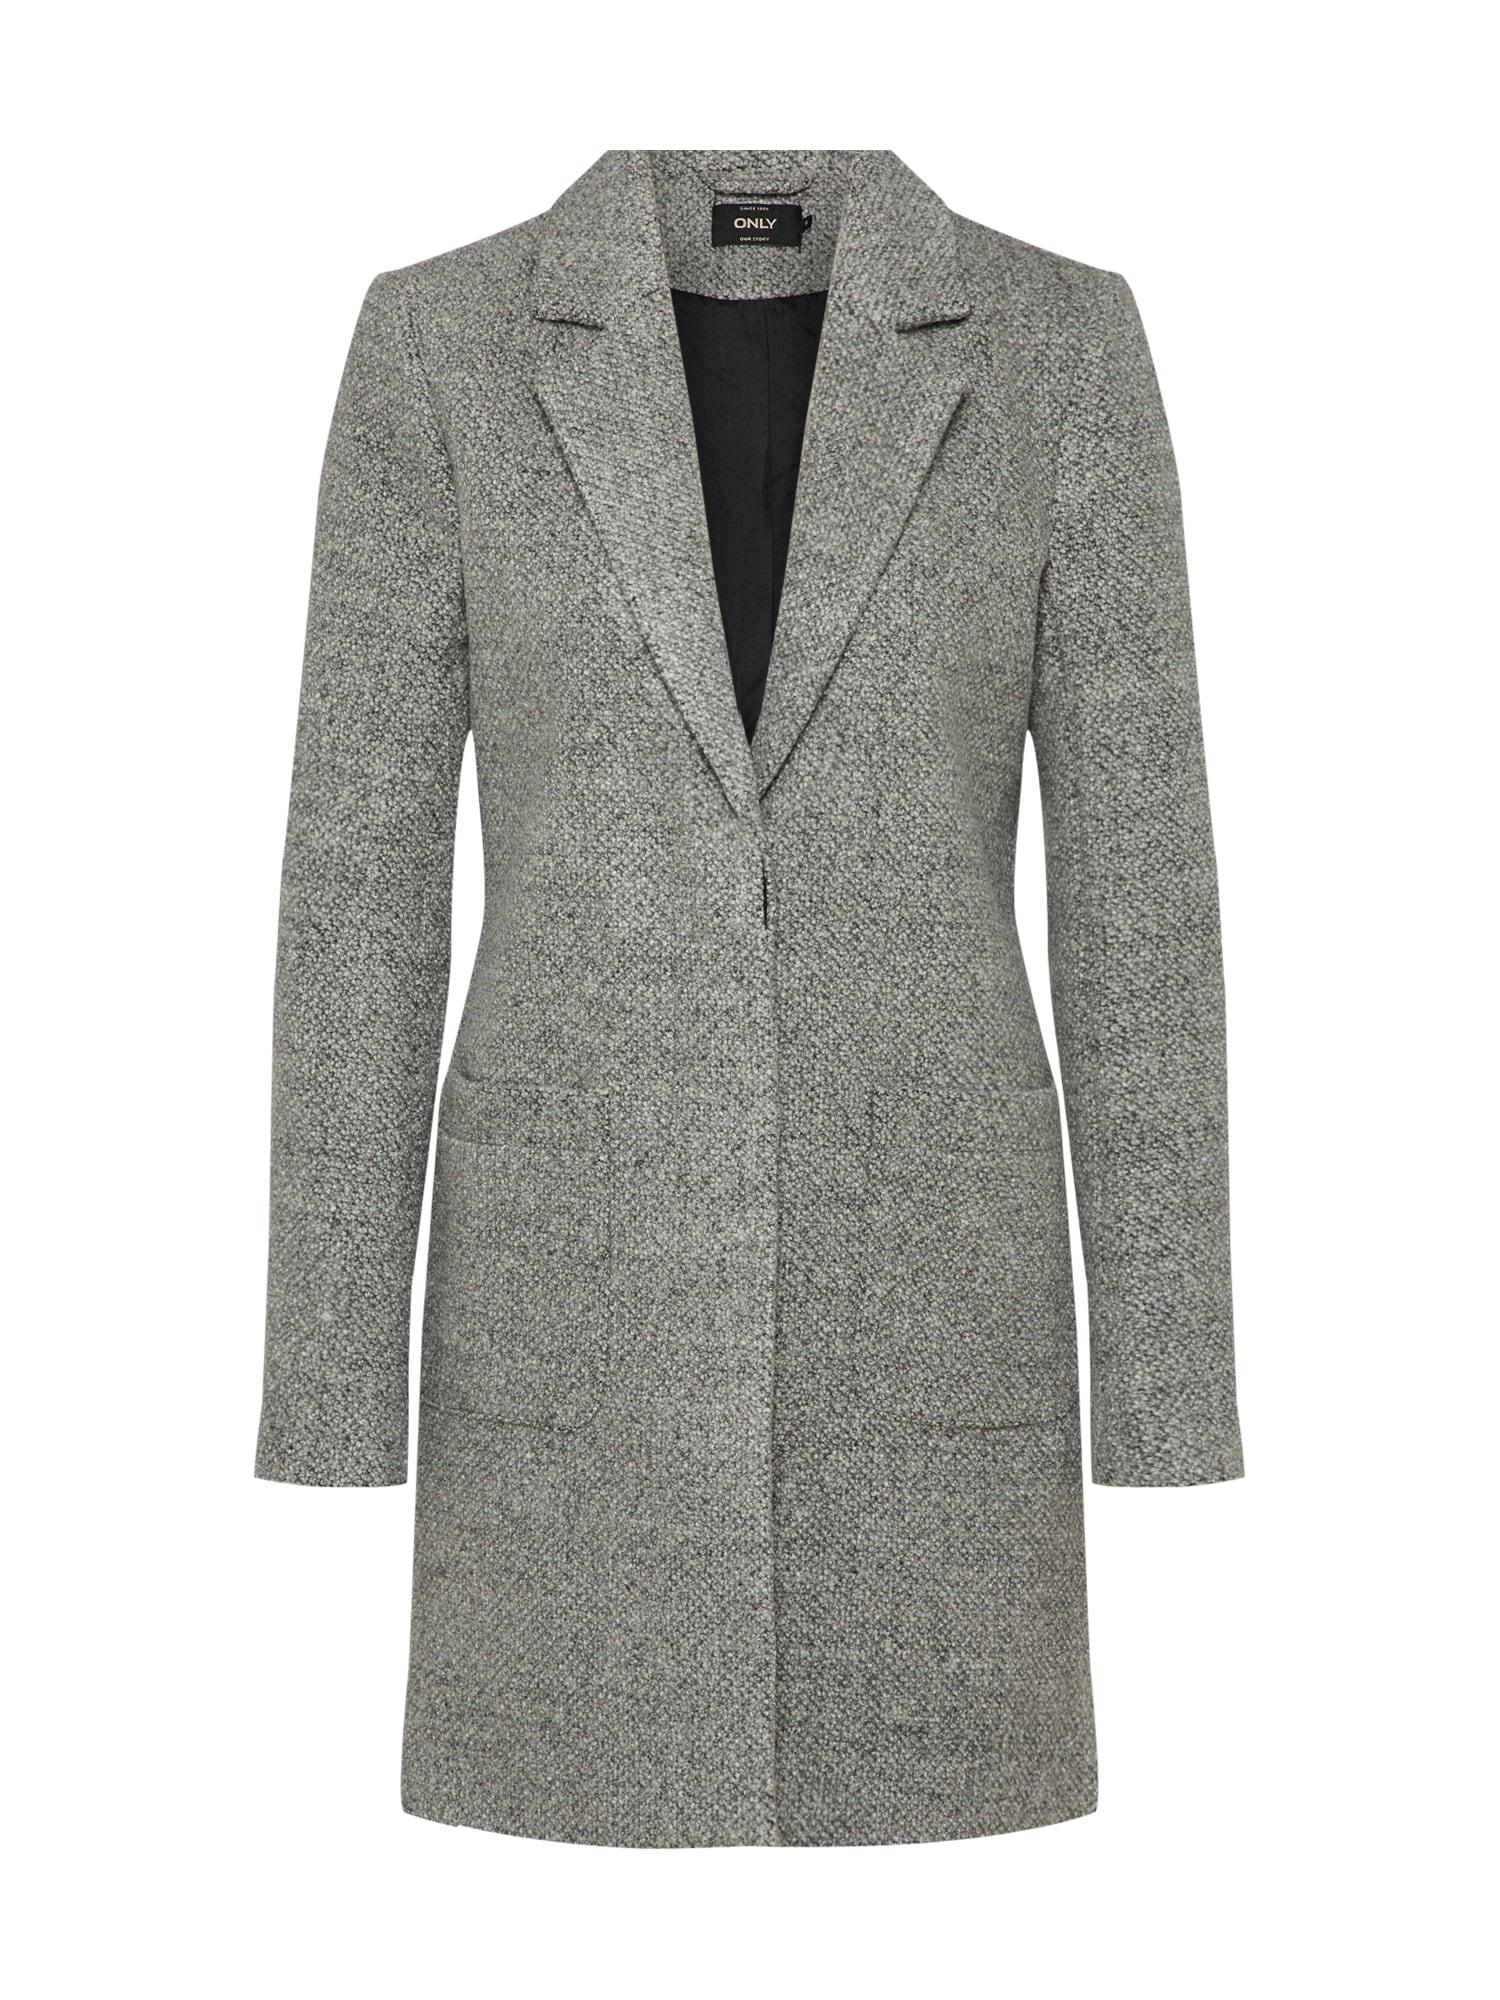 Zimní kabát STONE WOOL COAT světle šedá šedý melír ONLY